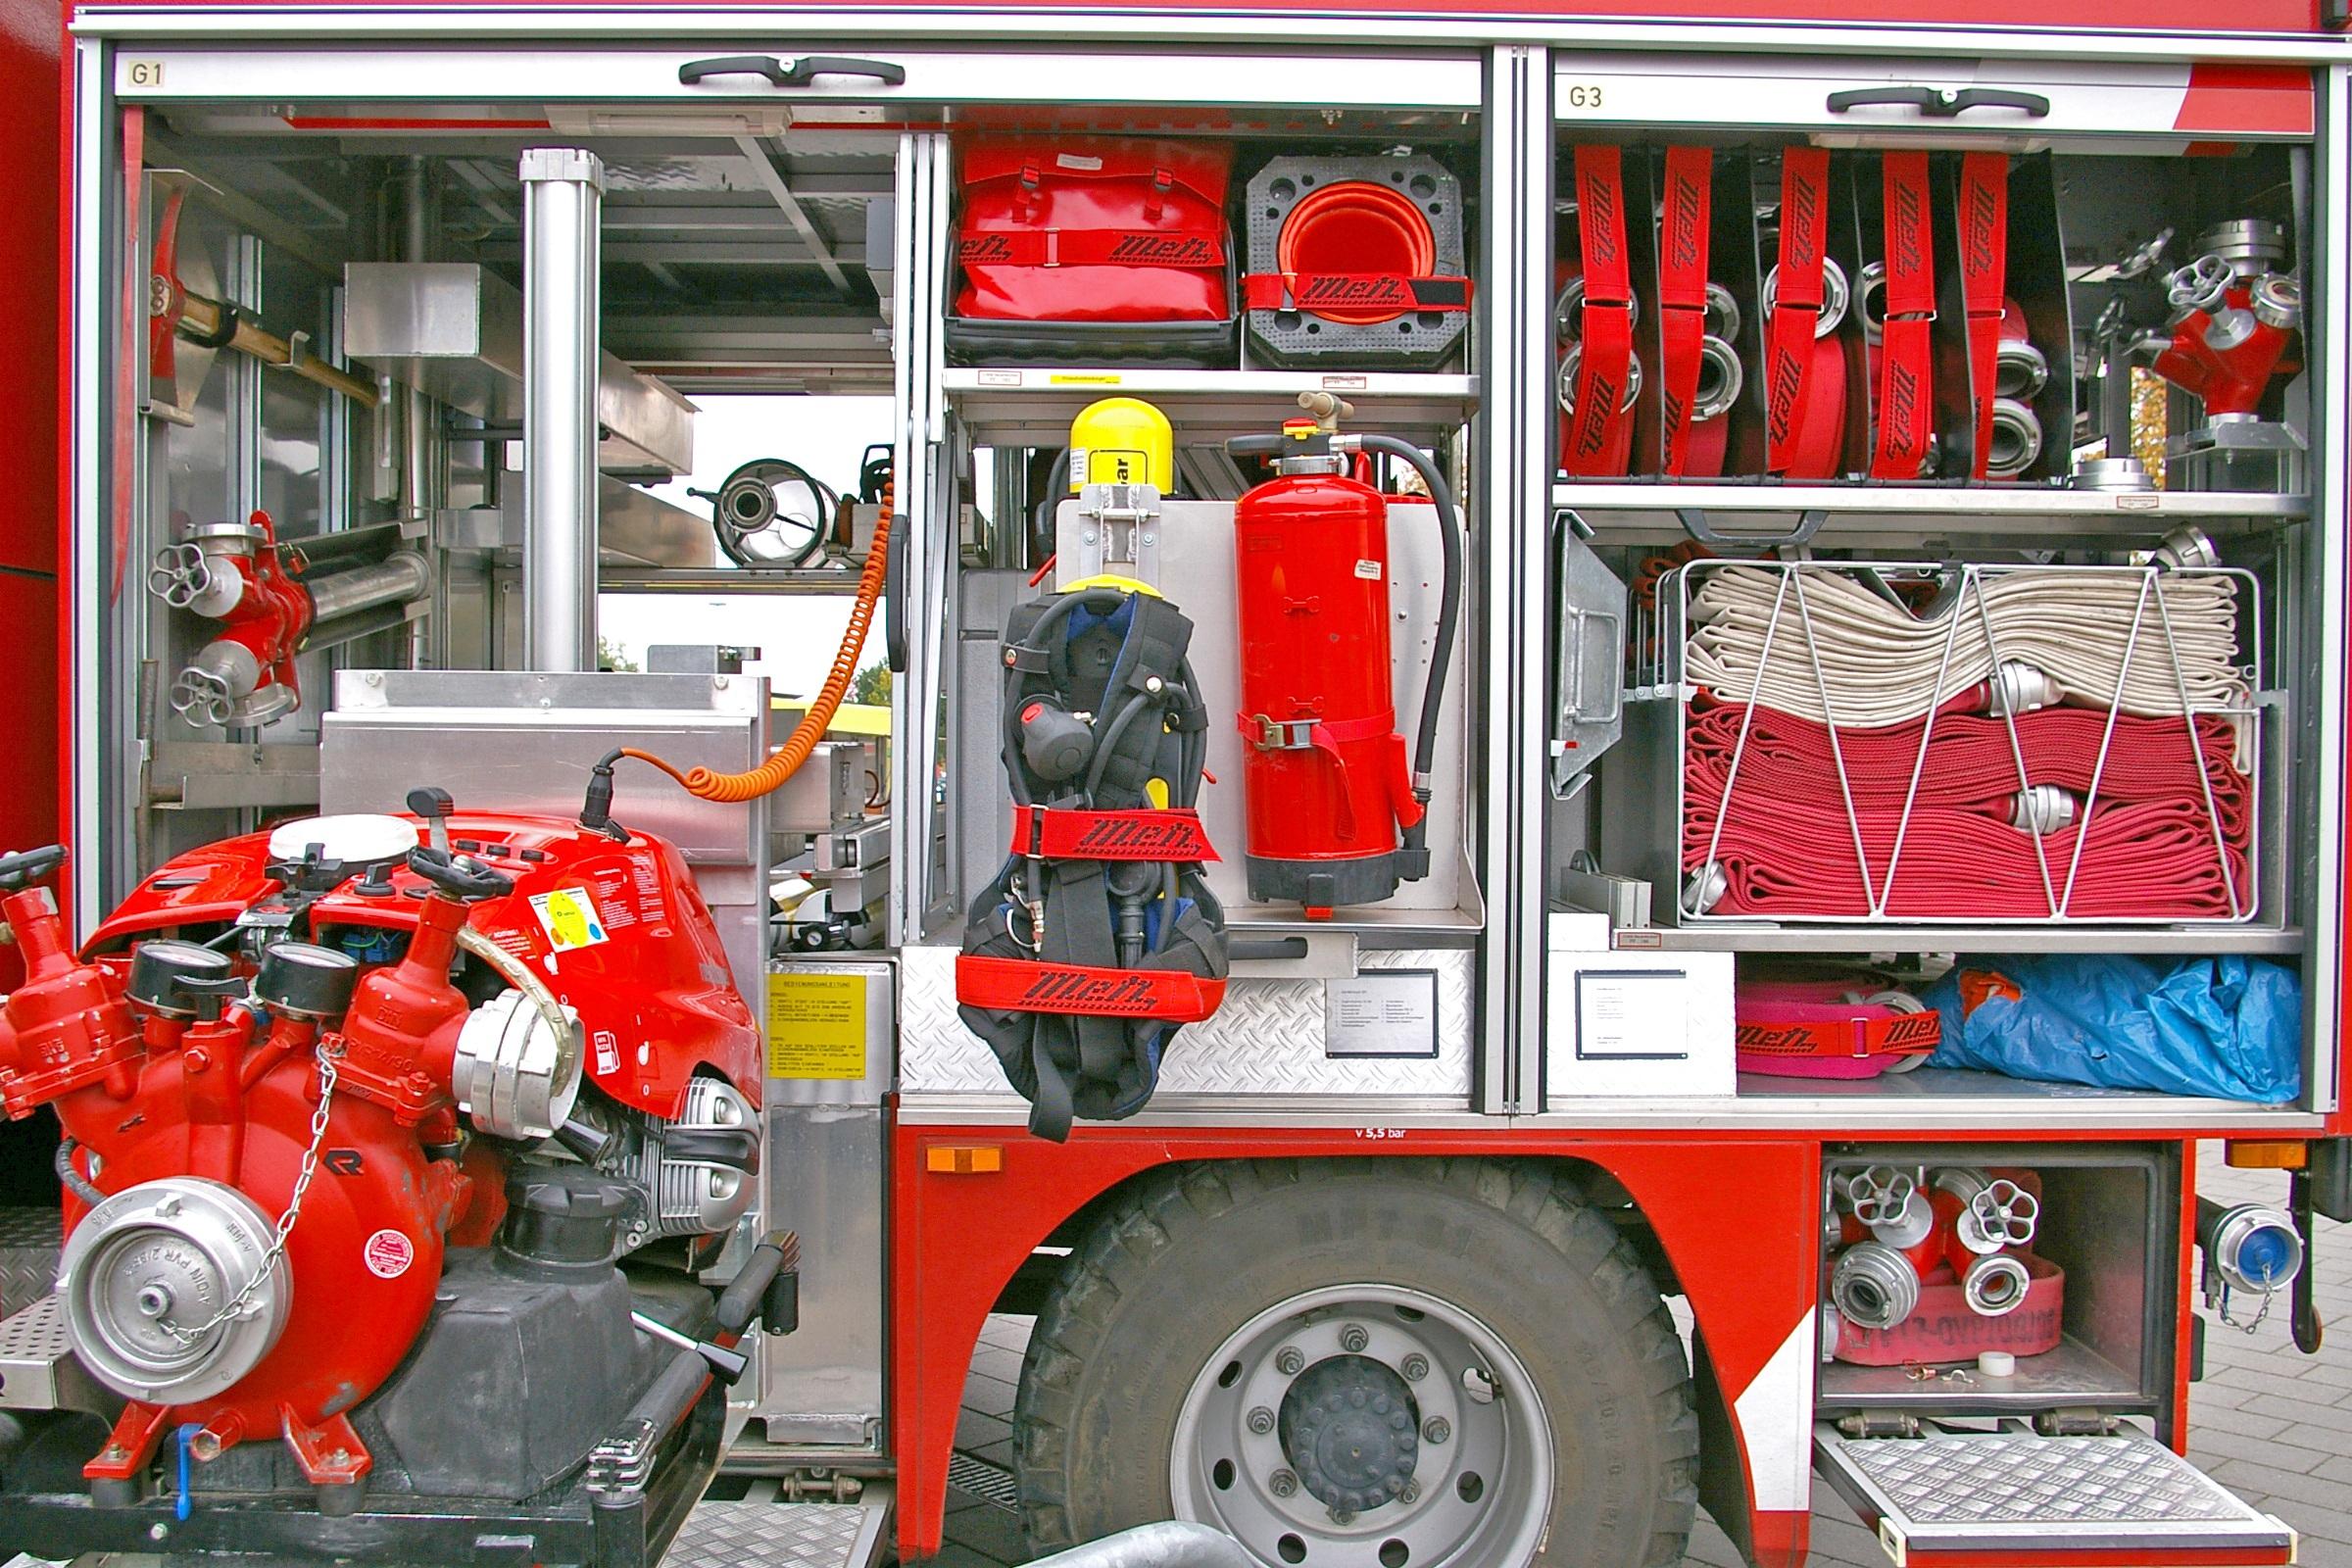 реже встречаются пожарное оборудование птв описание с фото этот